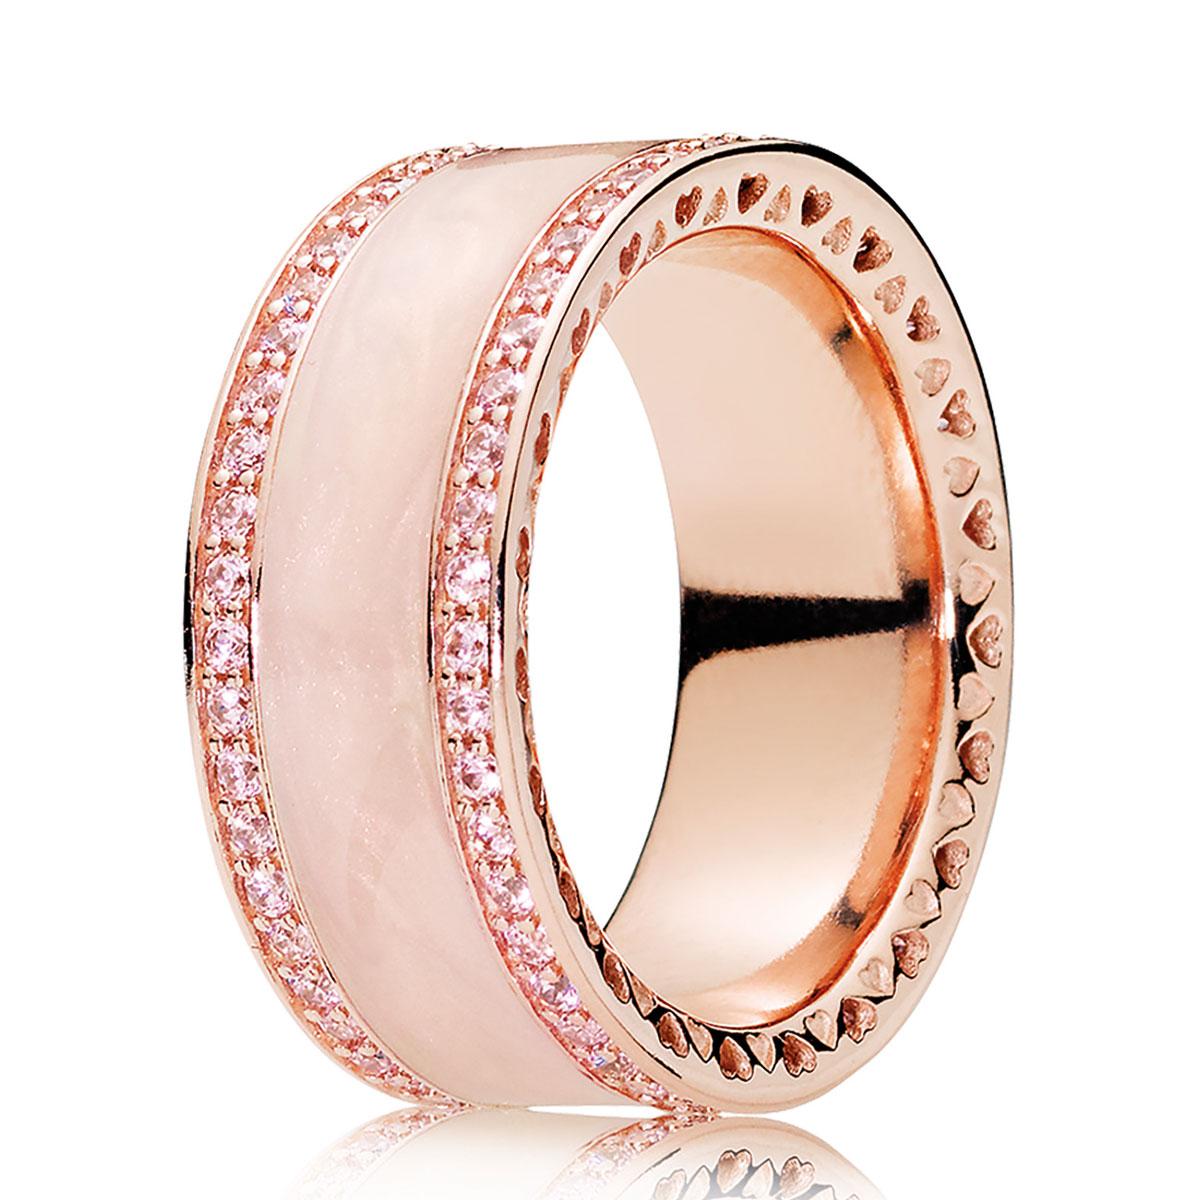 be0f693db PANDORA Rose Gold Cream Enamel Hearts of PANDORA Ring ...